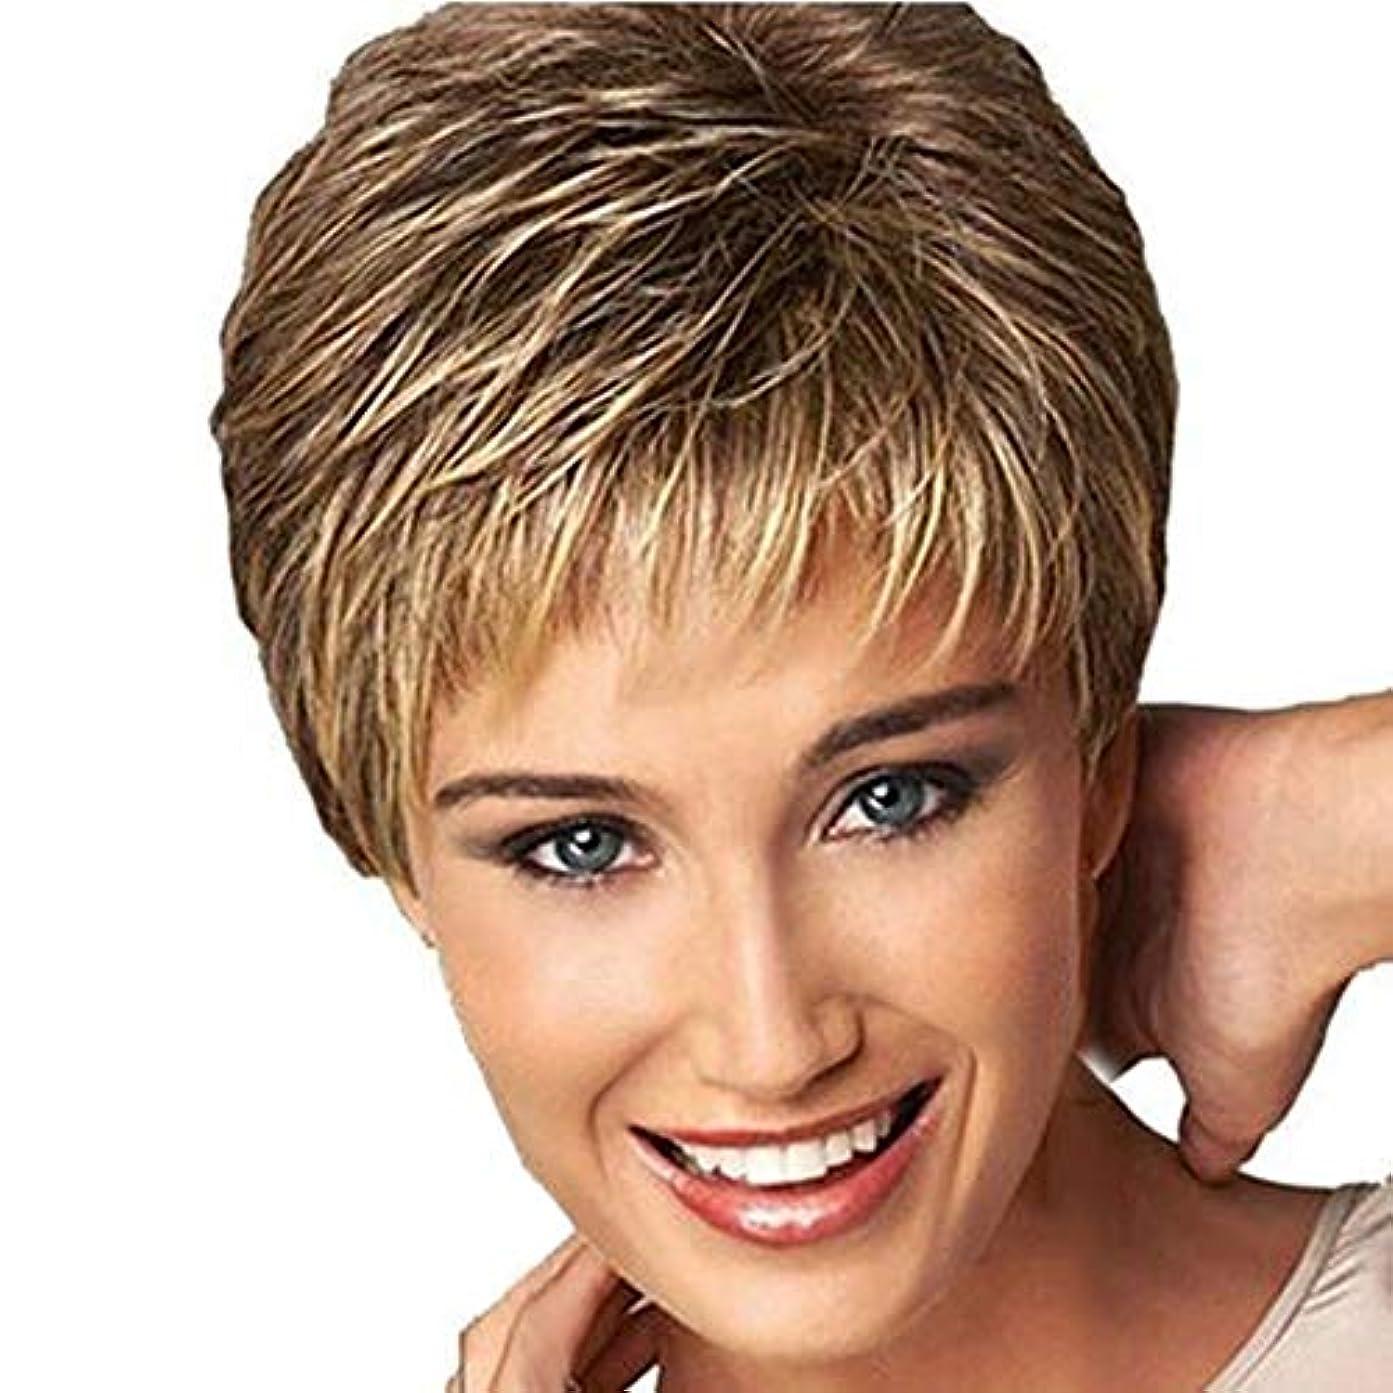 ペインファセット発見するWTYD 美容ヘアツール 3ピースヘアケアかつらスタンド耐熱繊維かつら短い散髪カーリーカラーグラデーションかつらファッション